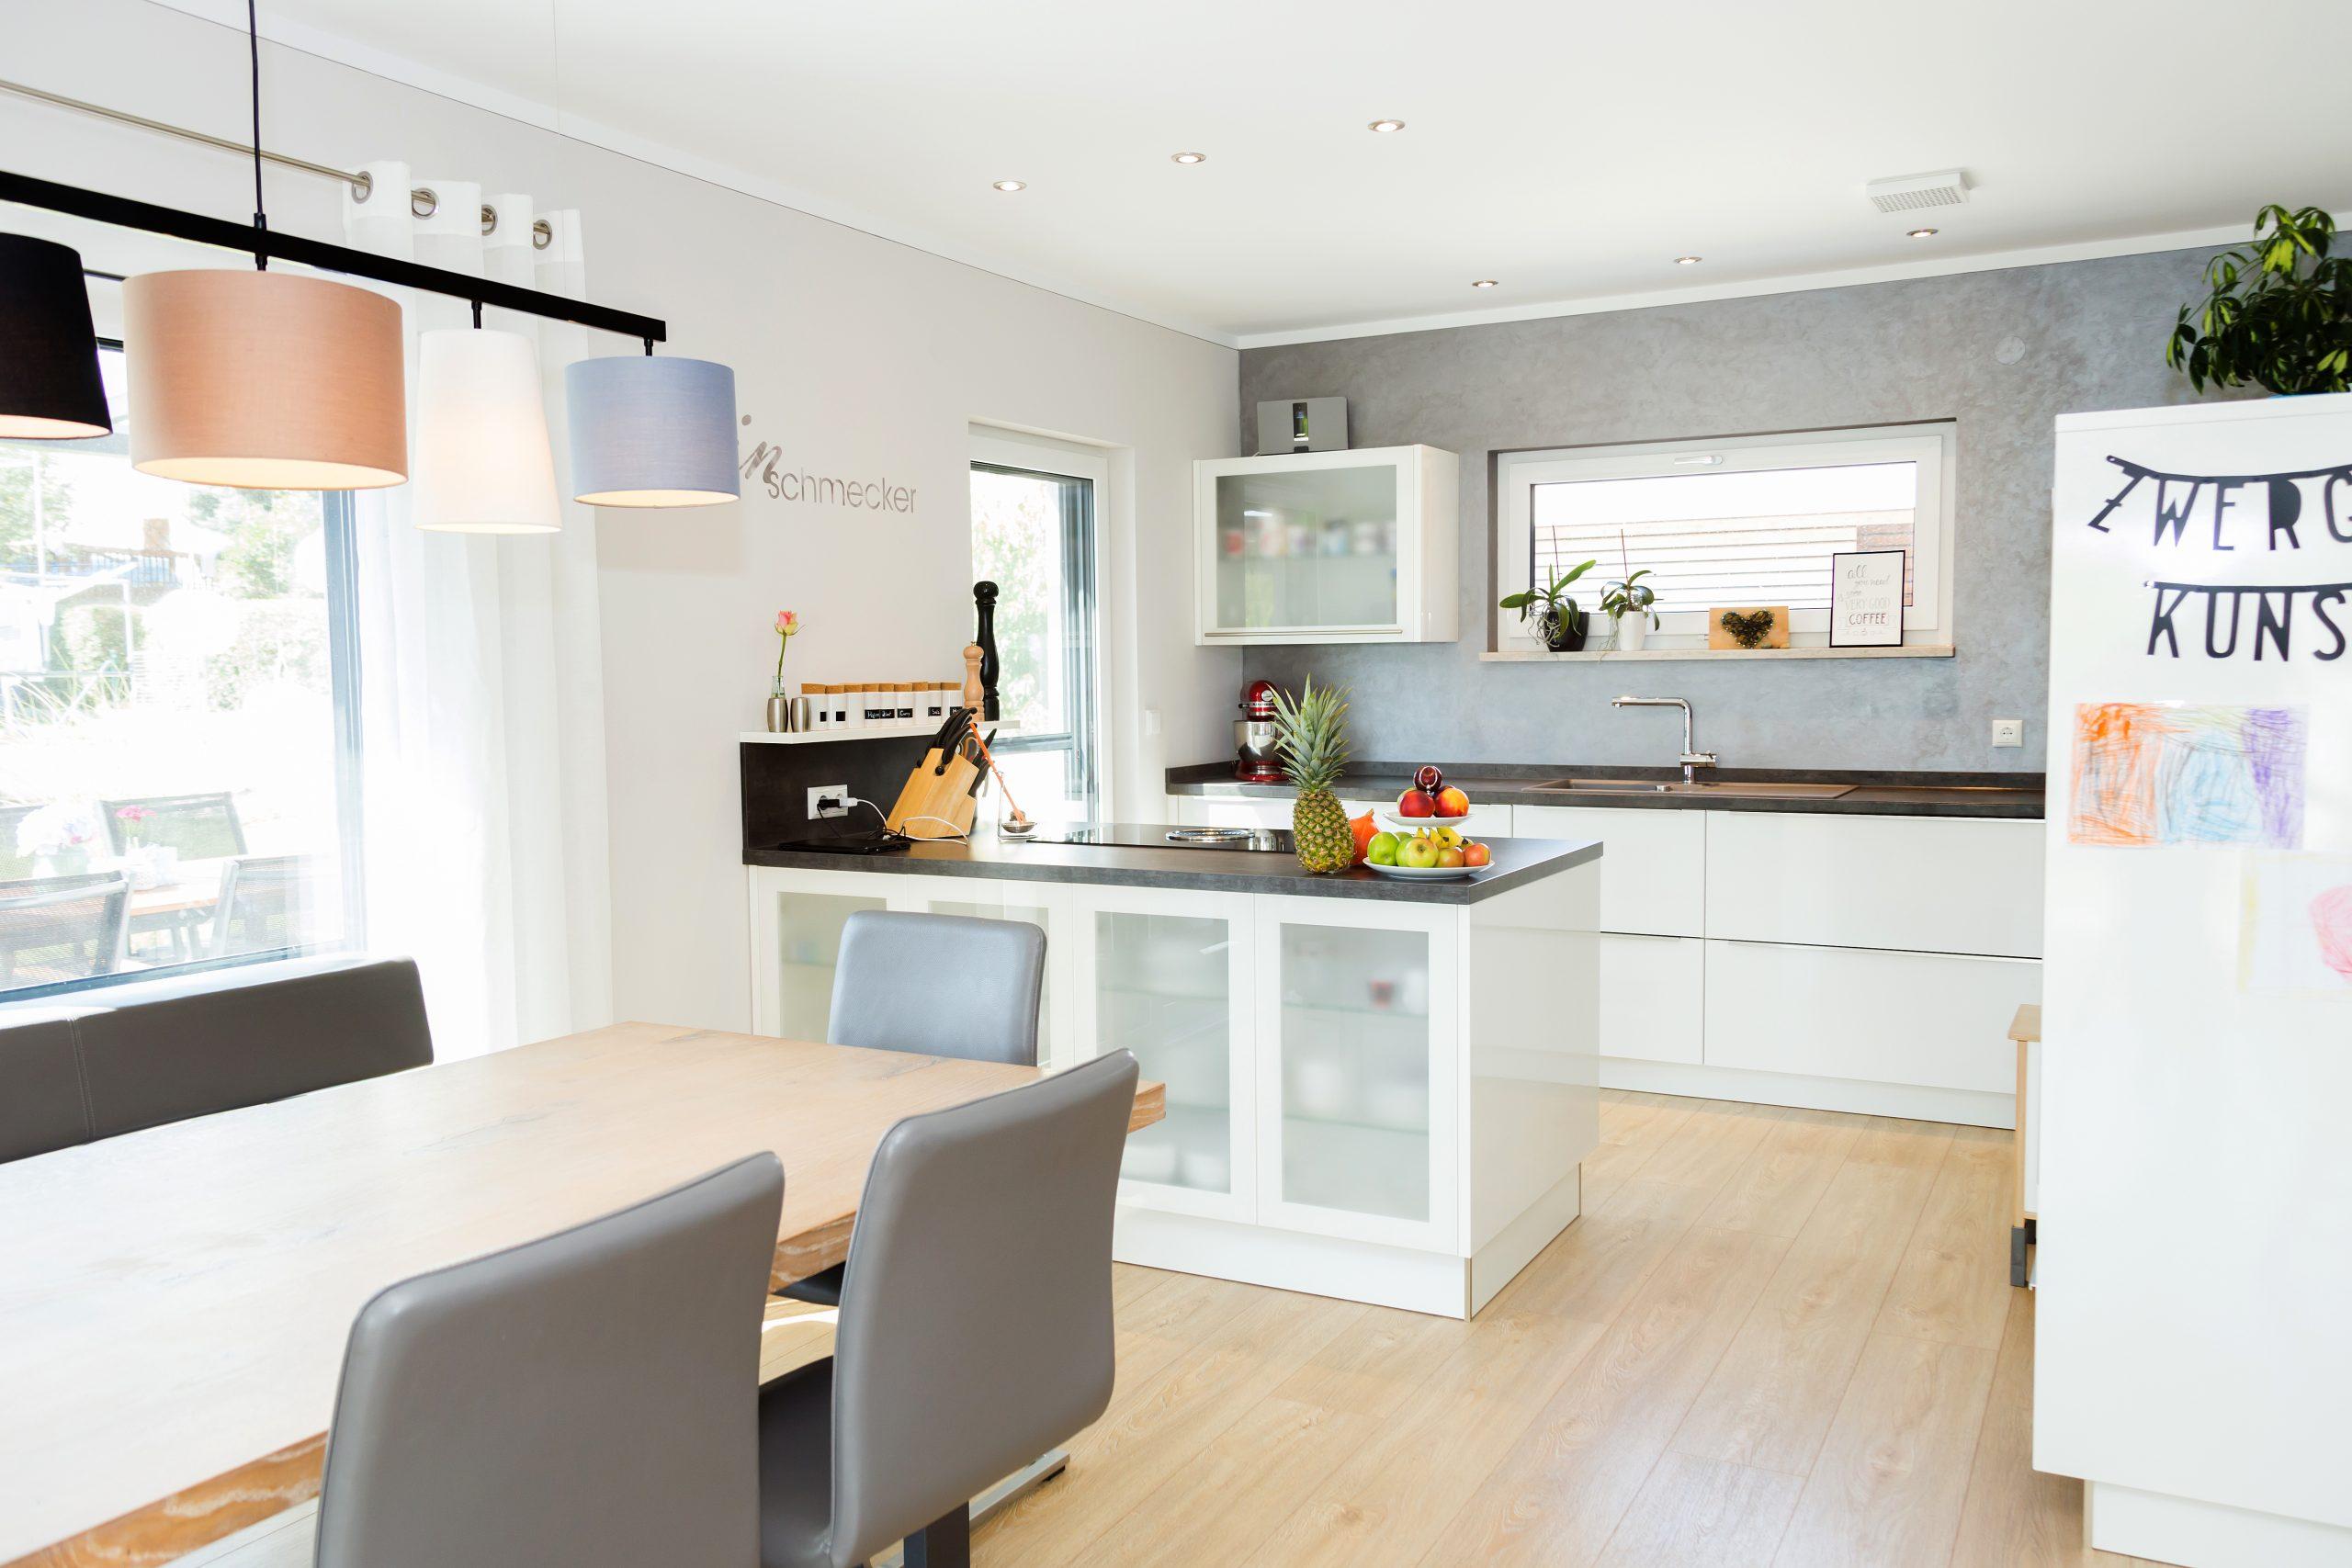 Full Size of Singleküche Mit Waschmaschine Singleküche Waschmaschine Netto Singleküche Singleküche Dachschräge Küche Singelküche